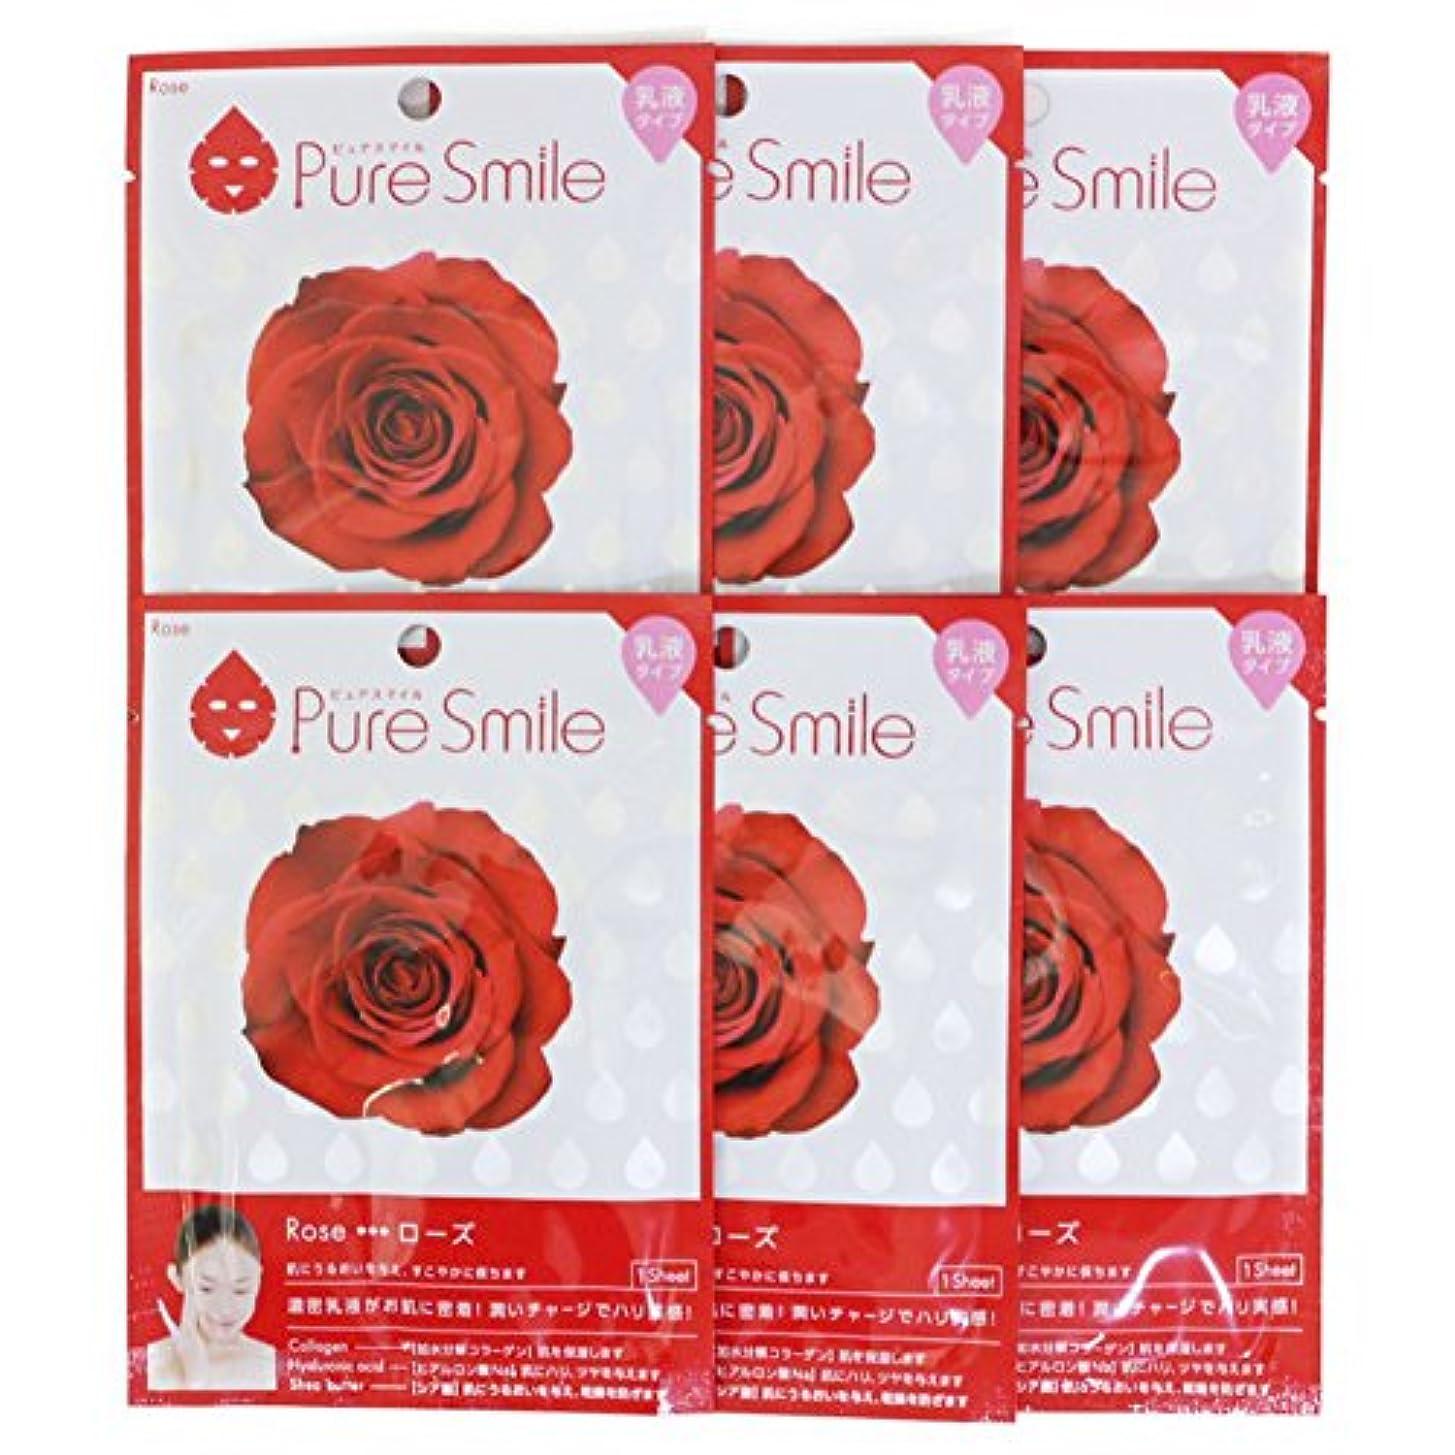 凝視潤滑する駅Pure Smile ピュアスマイル 乳液エッセンスマスク ローズ 6枚セット